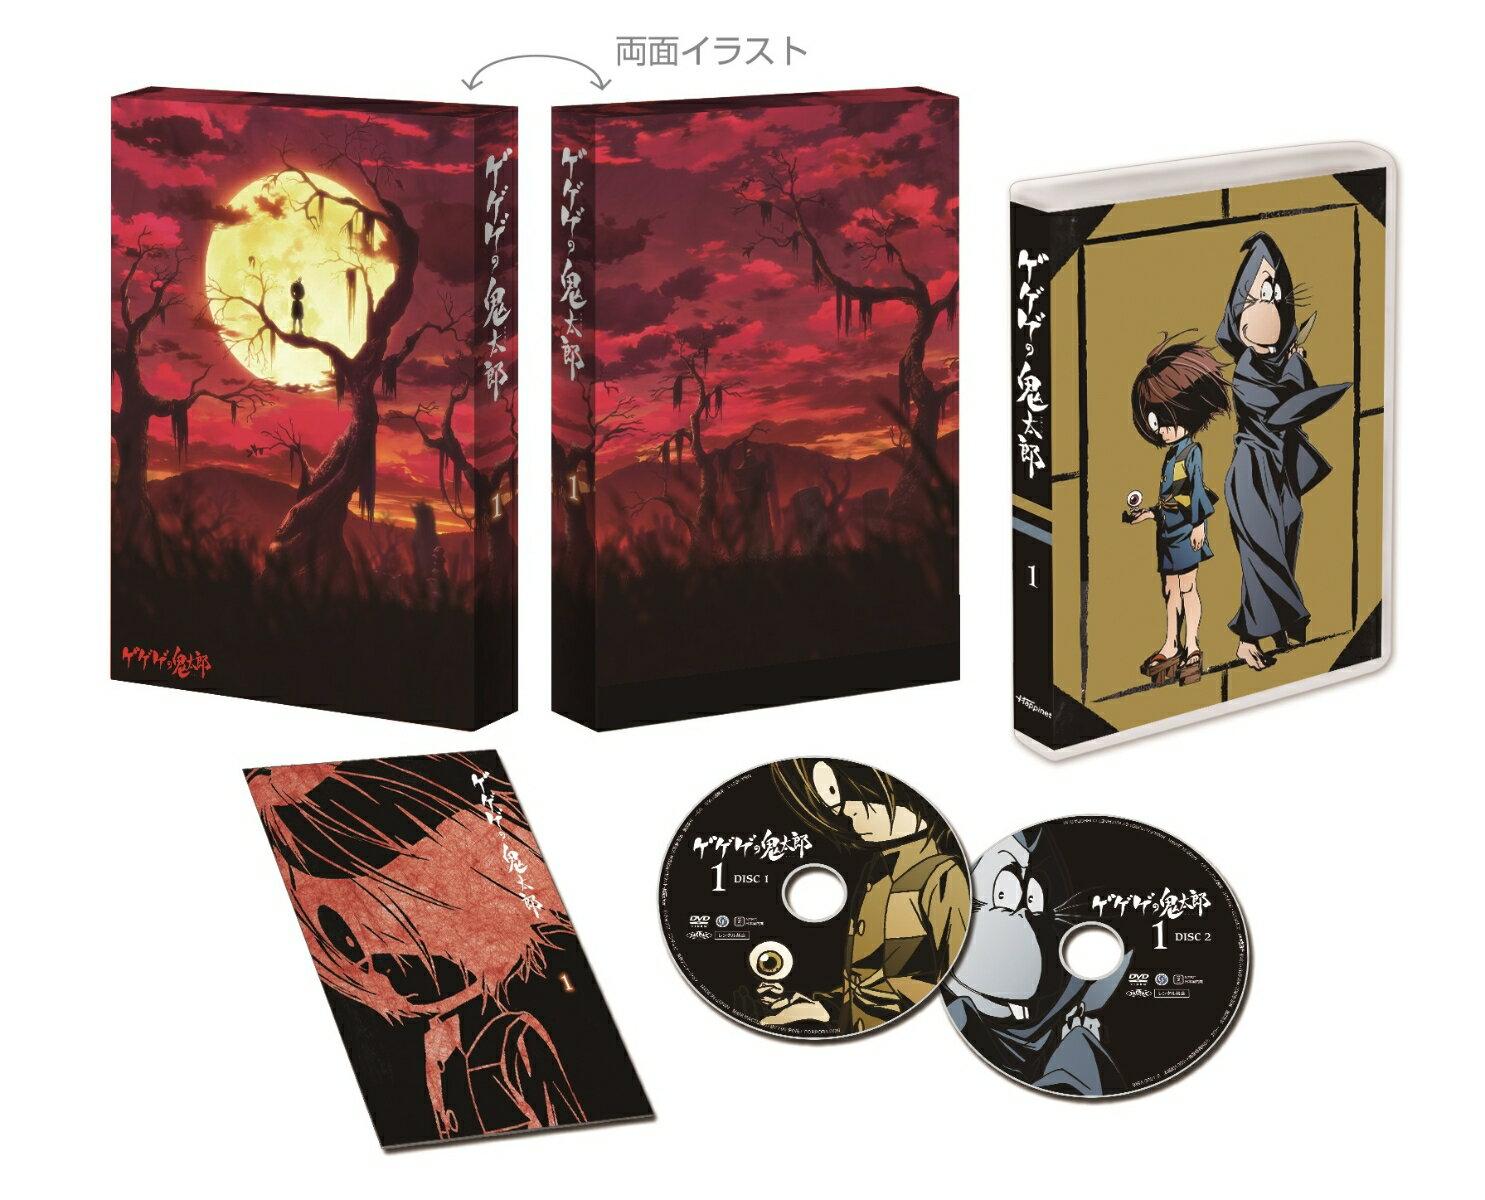 ゲゲゲの鬼太郎(第6作) DVD BOX1 [ 水木しげる ]